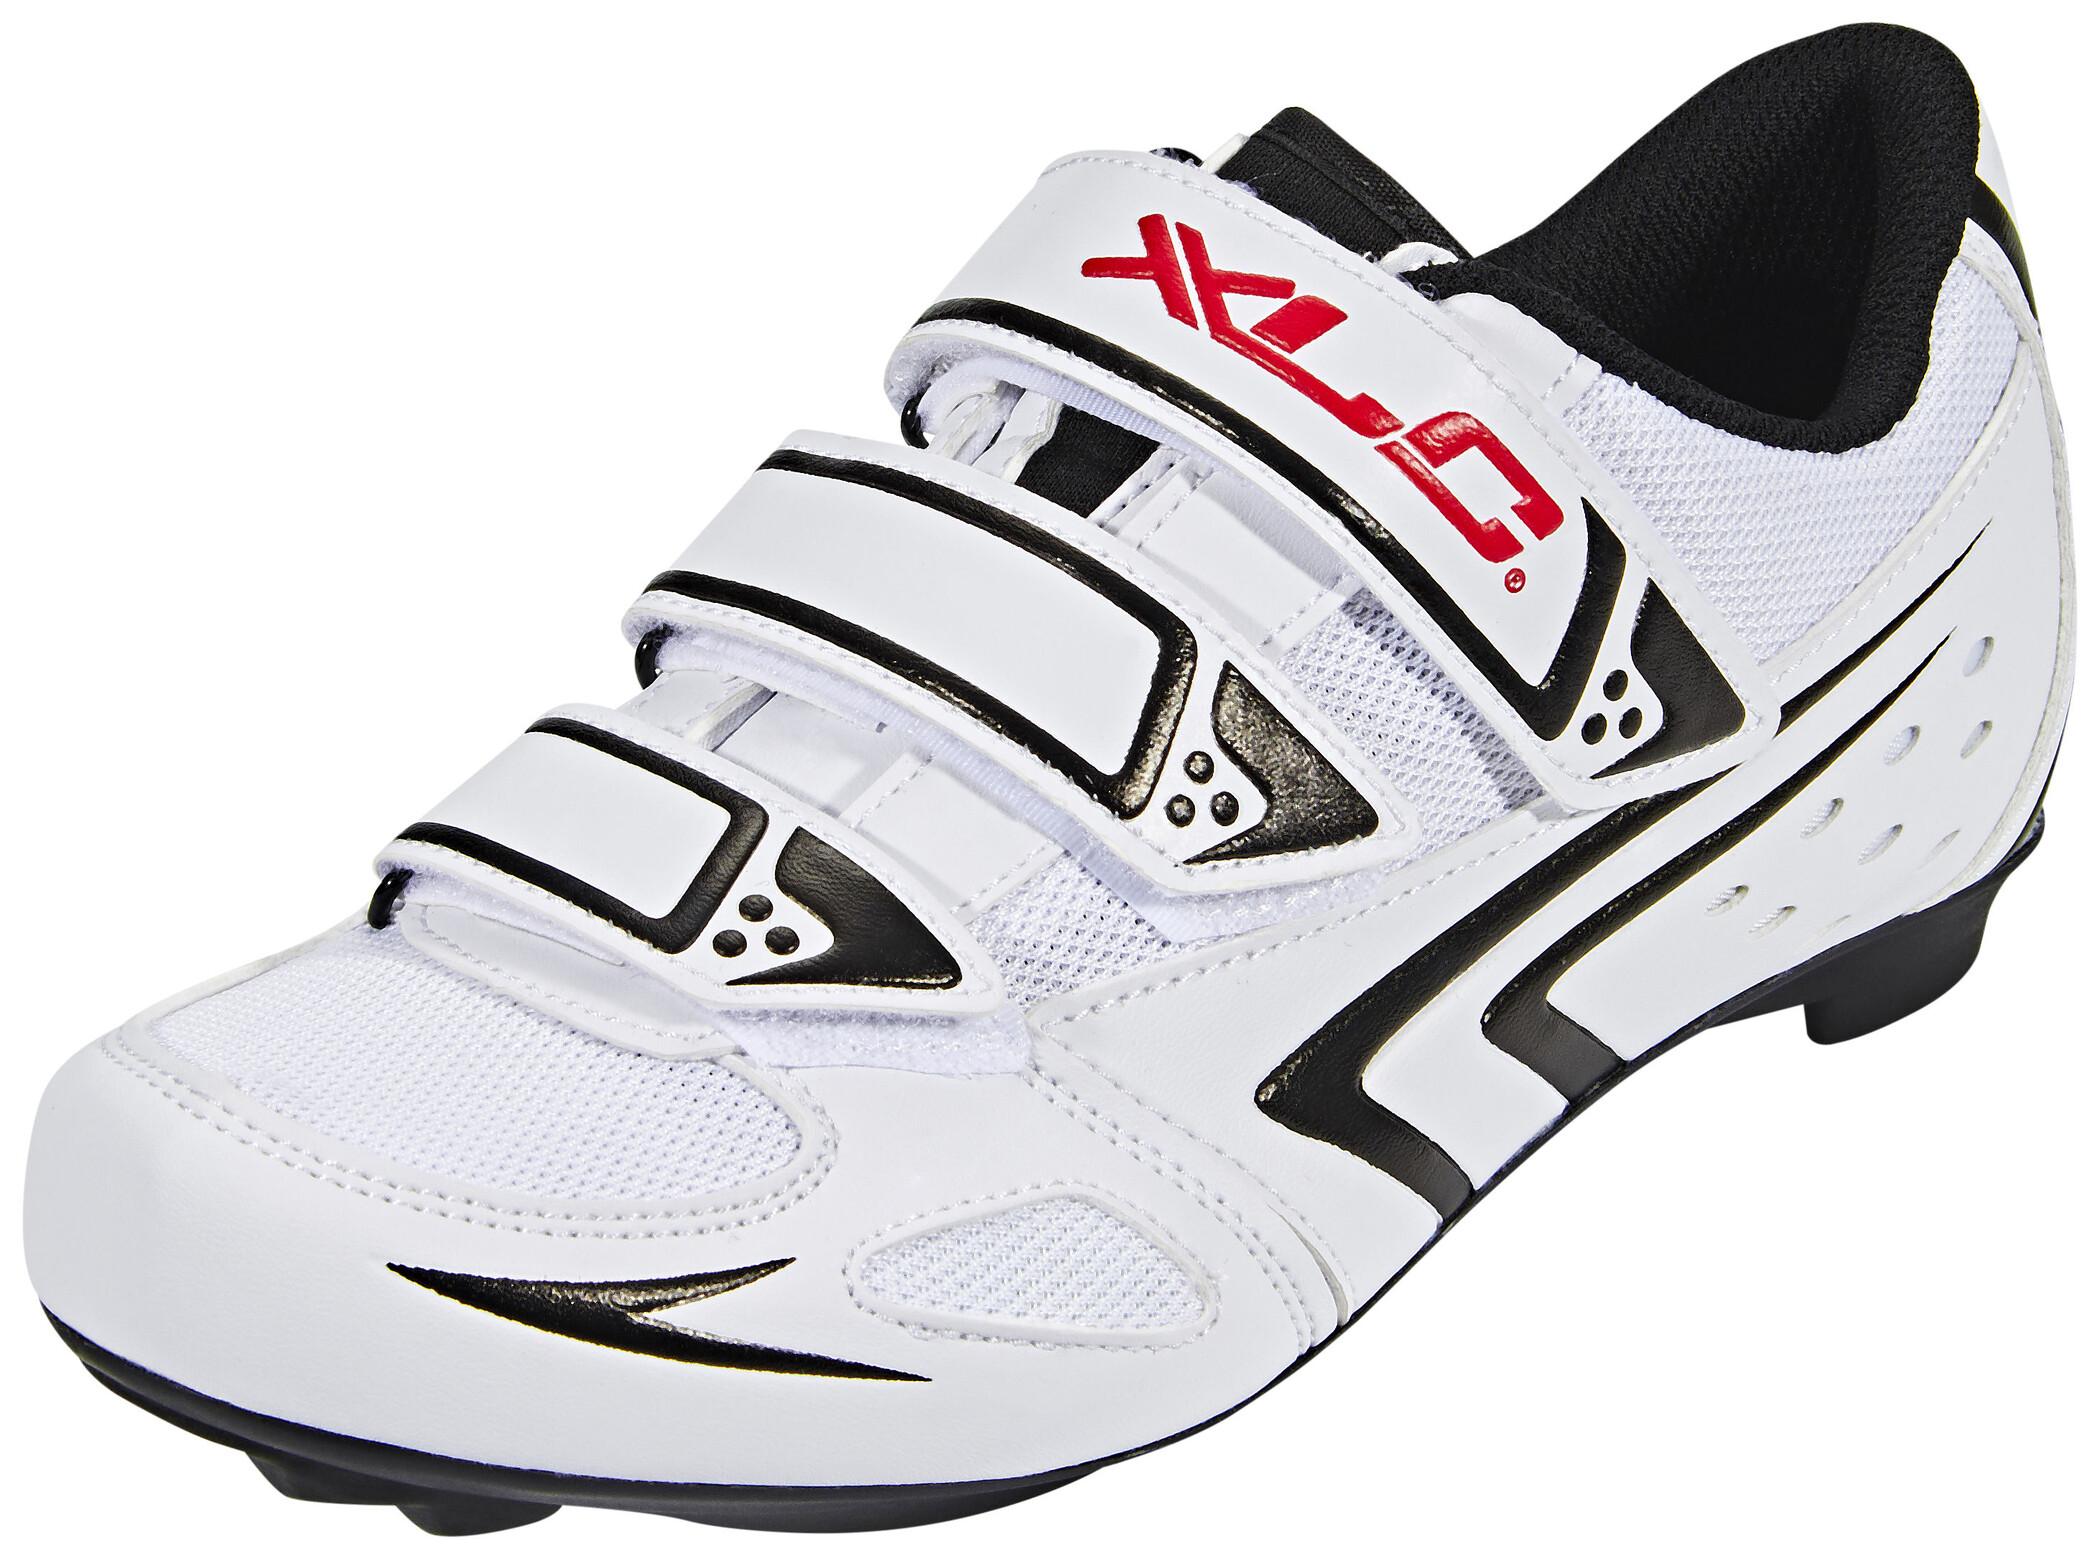 XLC CB-R04 Cykelsko, white   Shoes